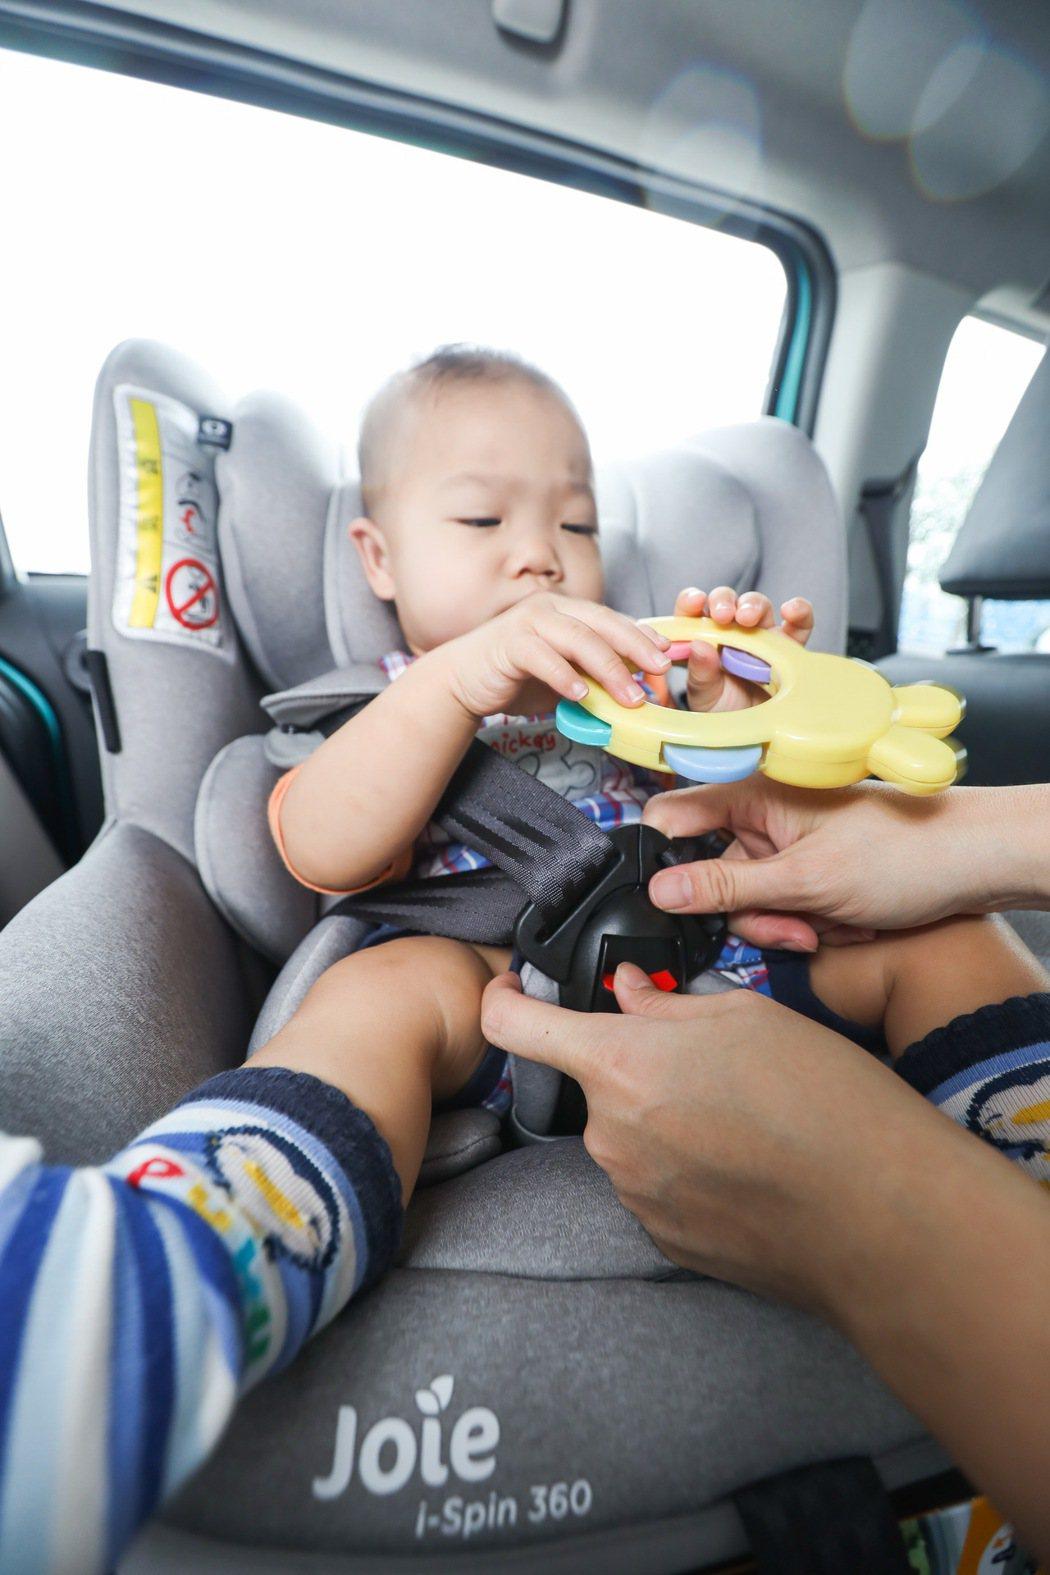 Joie i-Spin 360汽車安全座椅兼具舒適、安全及便利。 記者吳致碩/攝...